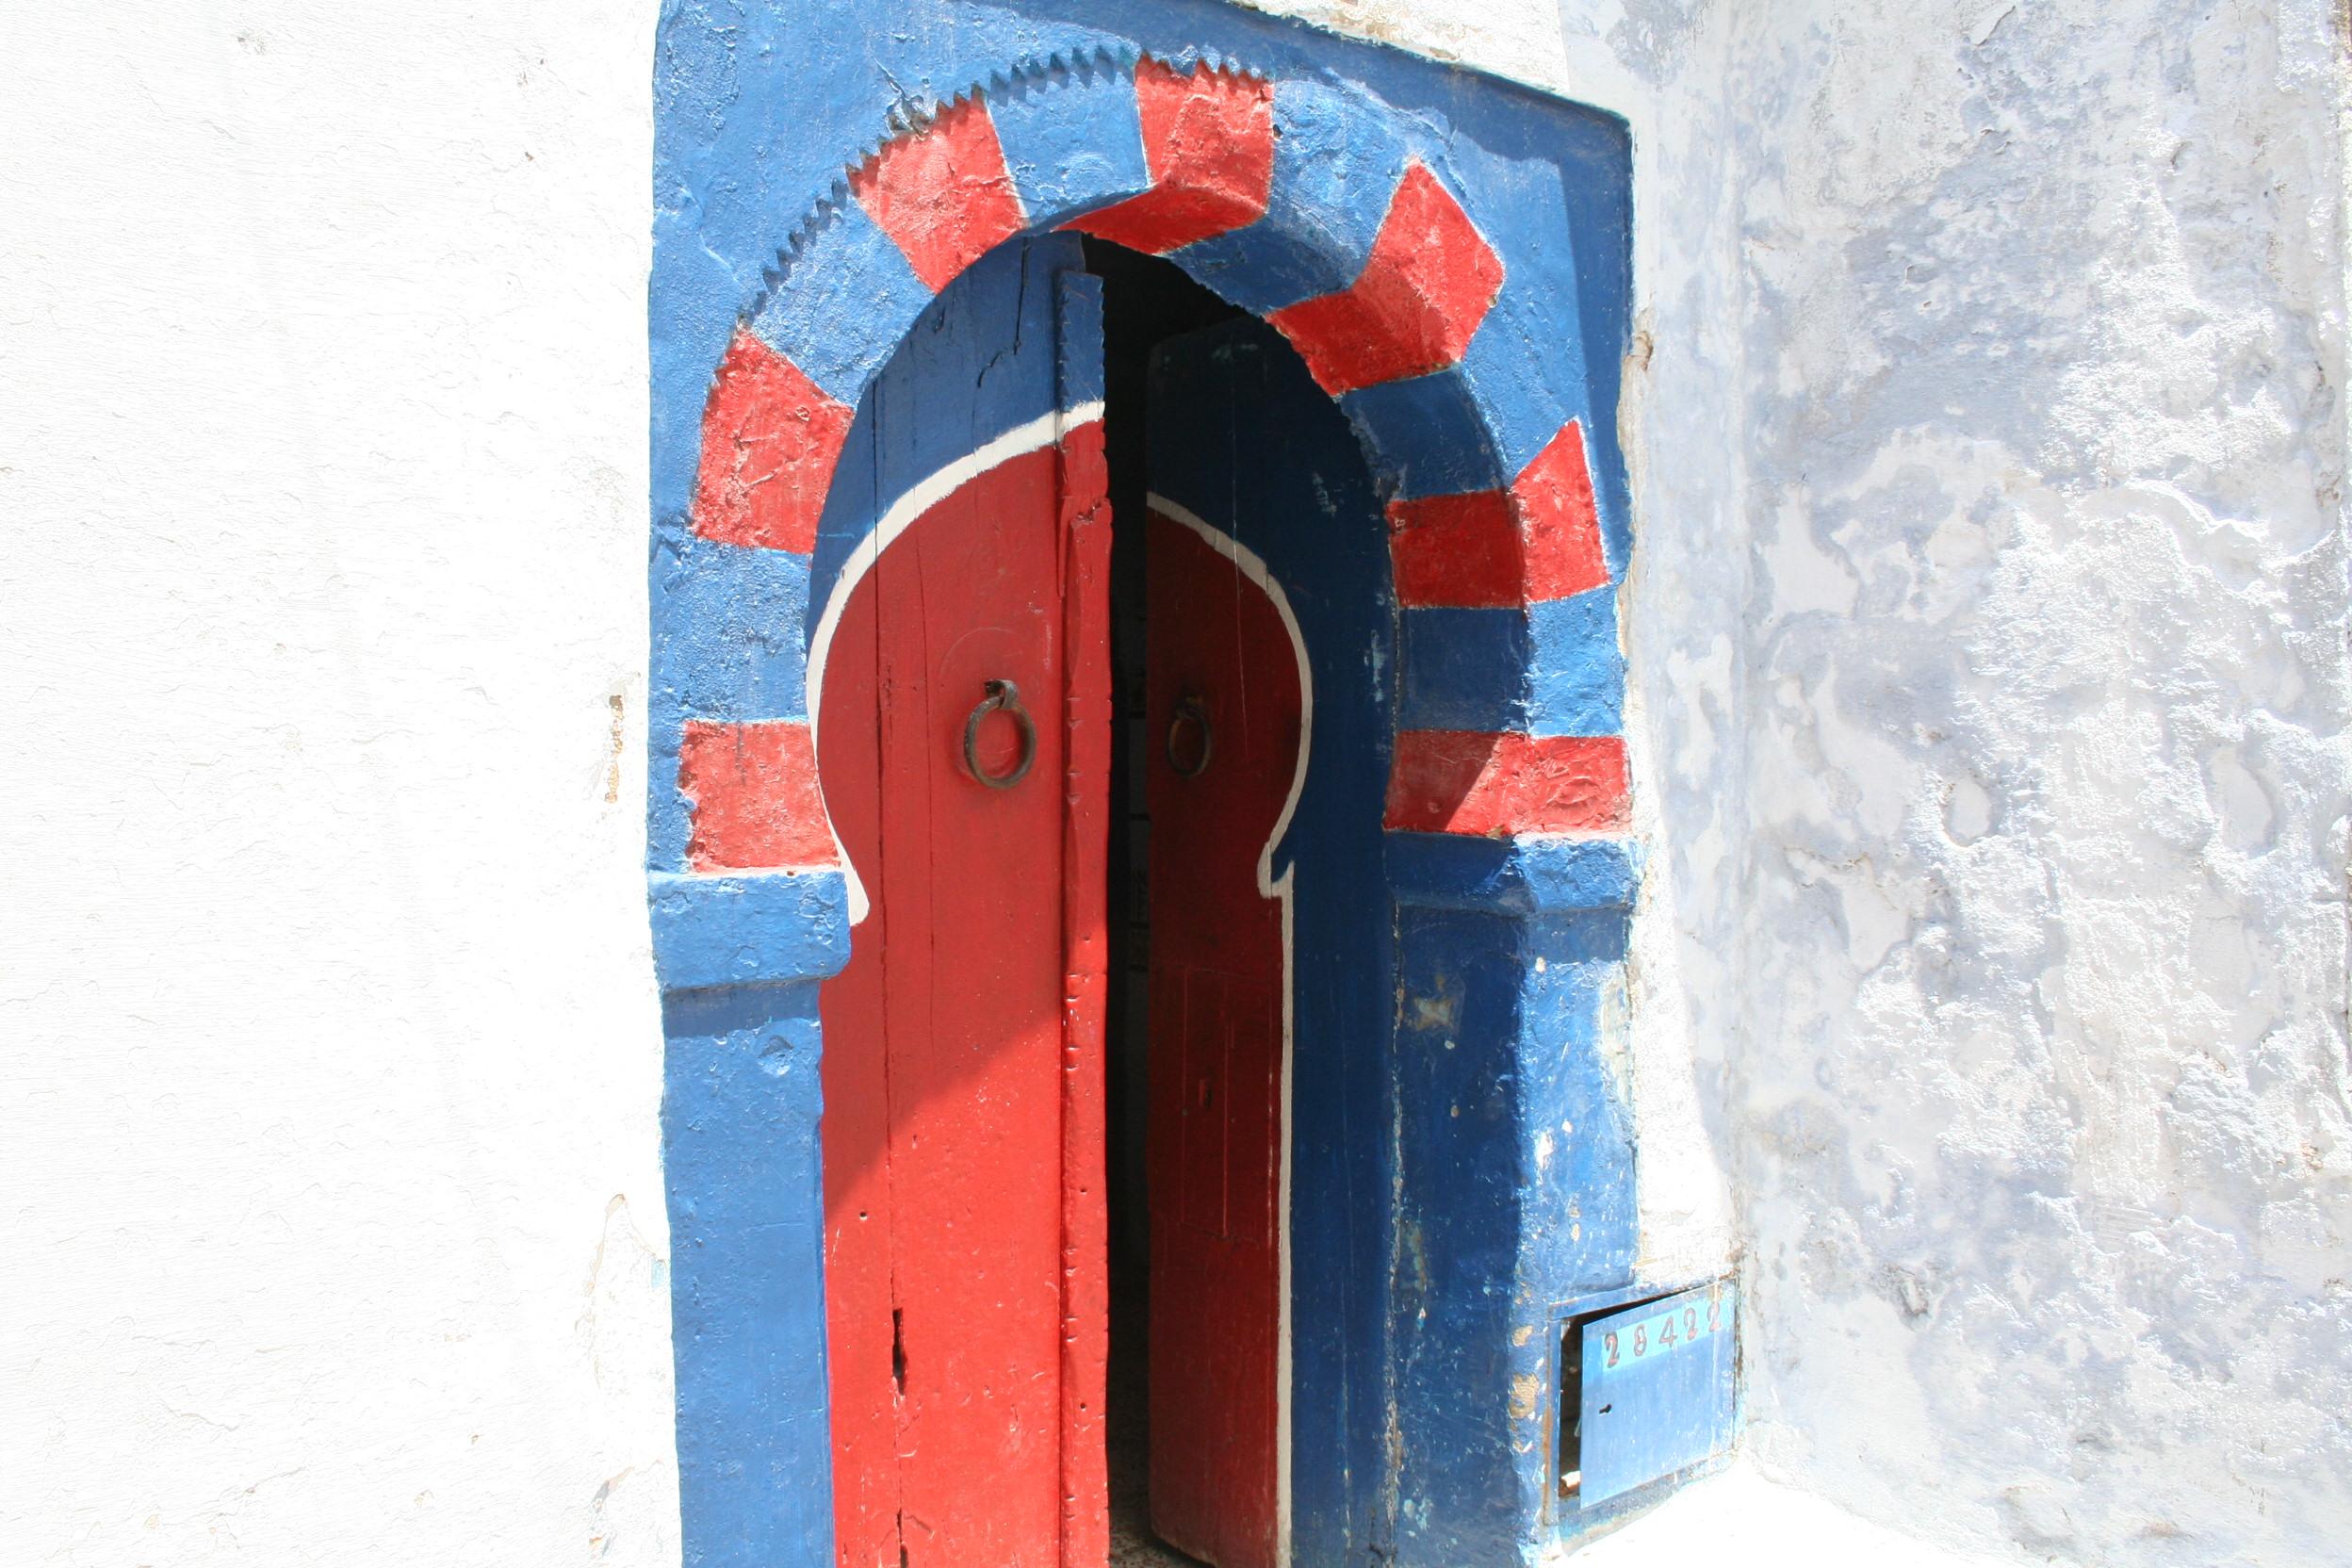 RAQMYAT–Estrategias digitales para la formación doctoral en humanidades y ciencias sociales en Túnez